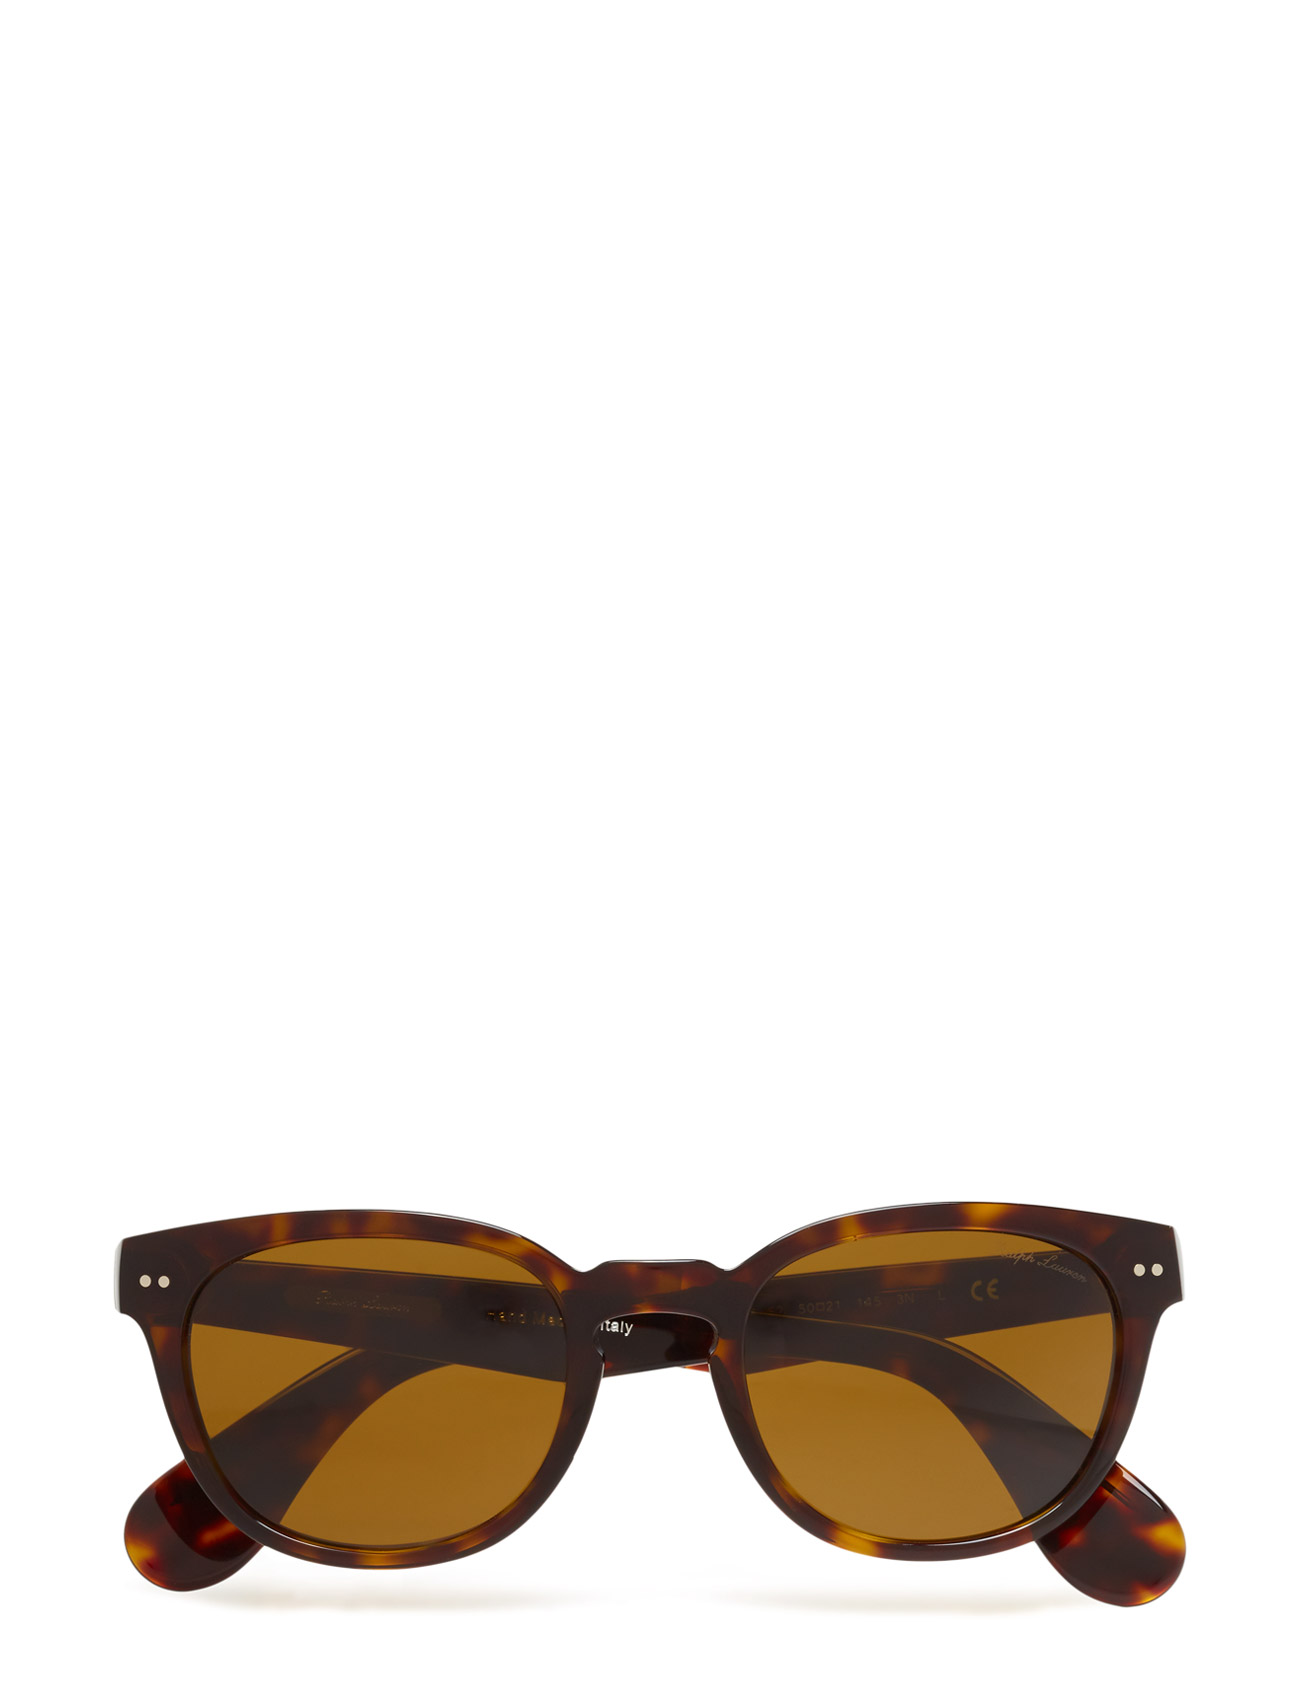 Ralph Lauren Sunglasses HERITAGE COLLECTION   RALPH LAUREN